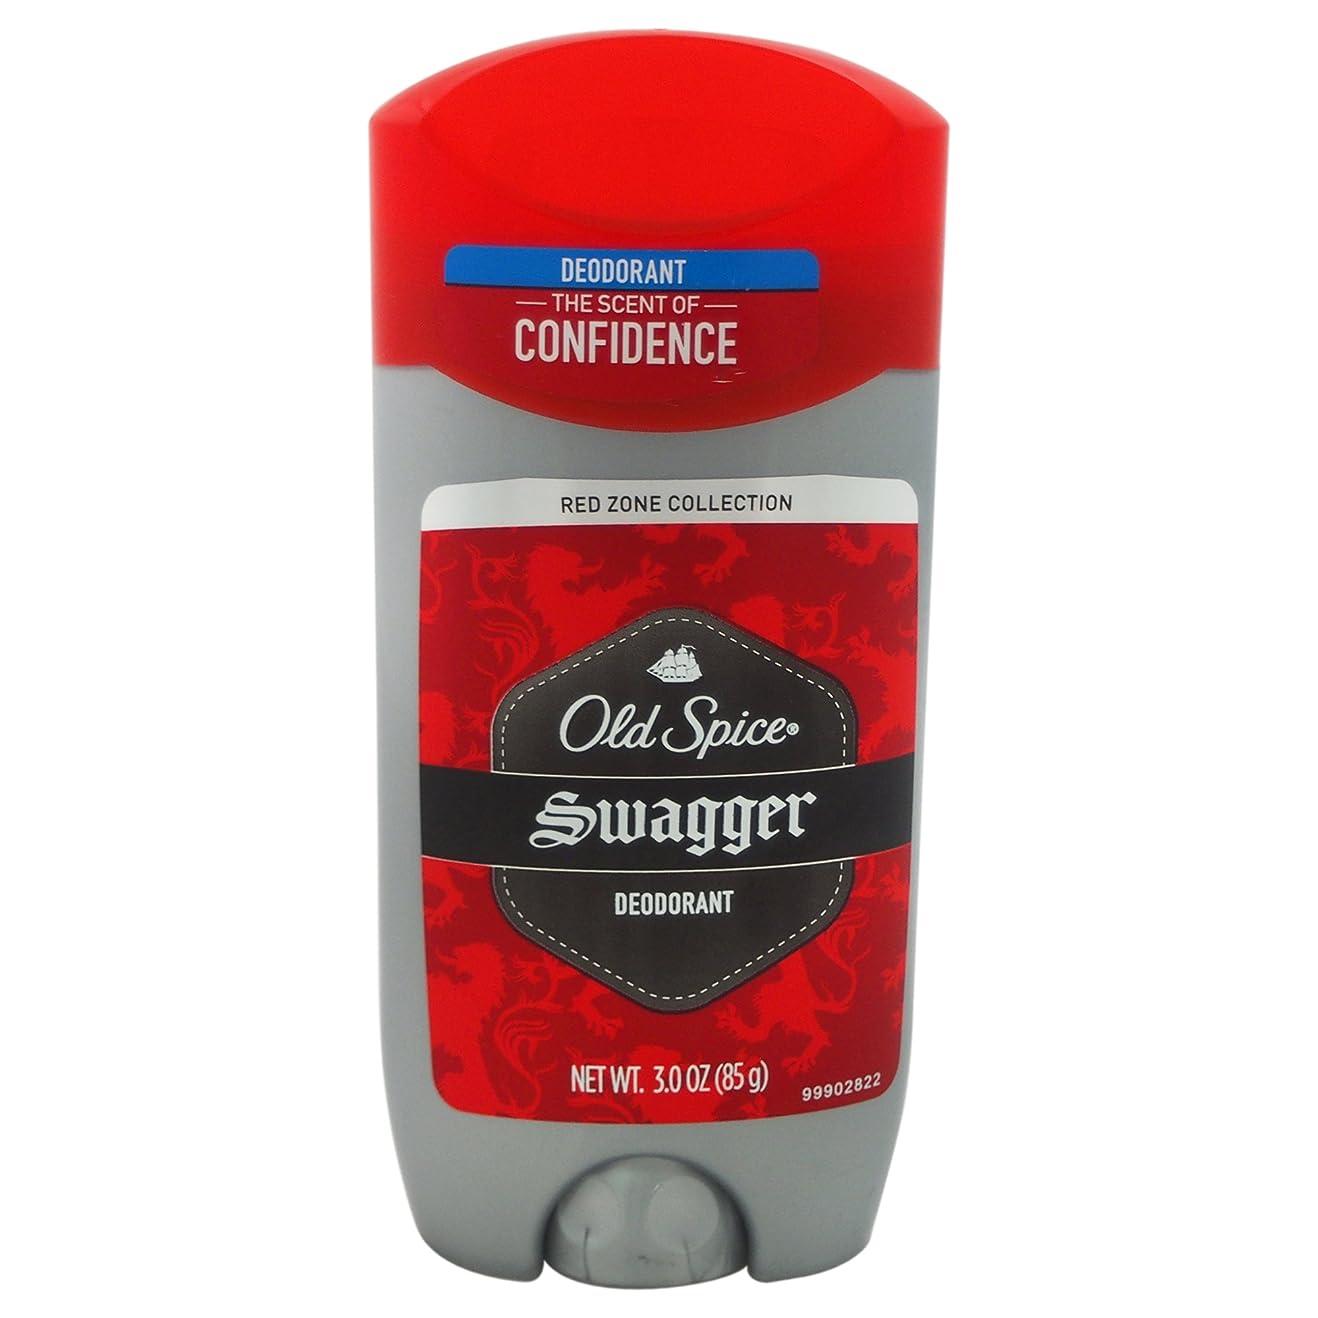 悲観主義者砂漠ジャンプするオールドスパイス(Old Spice) RED ZONE COLLECTION スワッガー デオドラント 85g[並行輸入品]